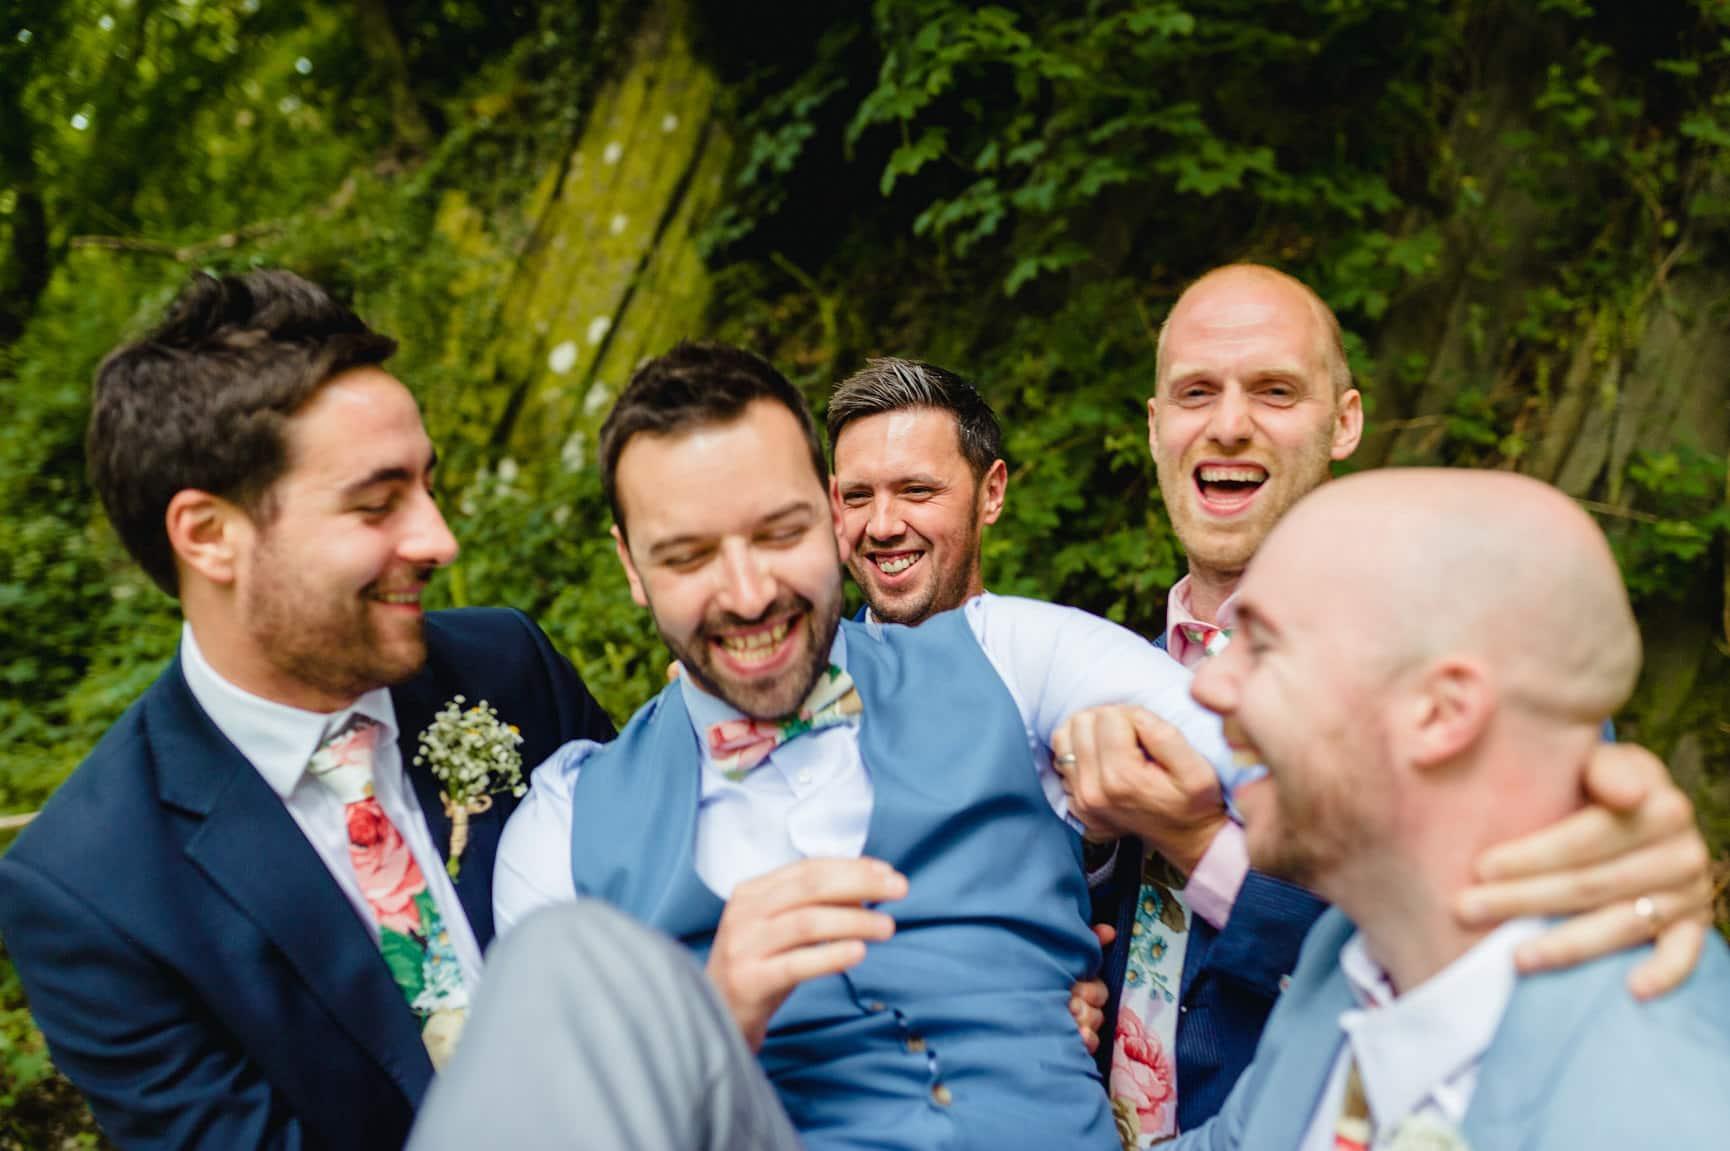 Fforest Wedding, Cardigan, Wales - Lauren and Gareth 160